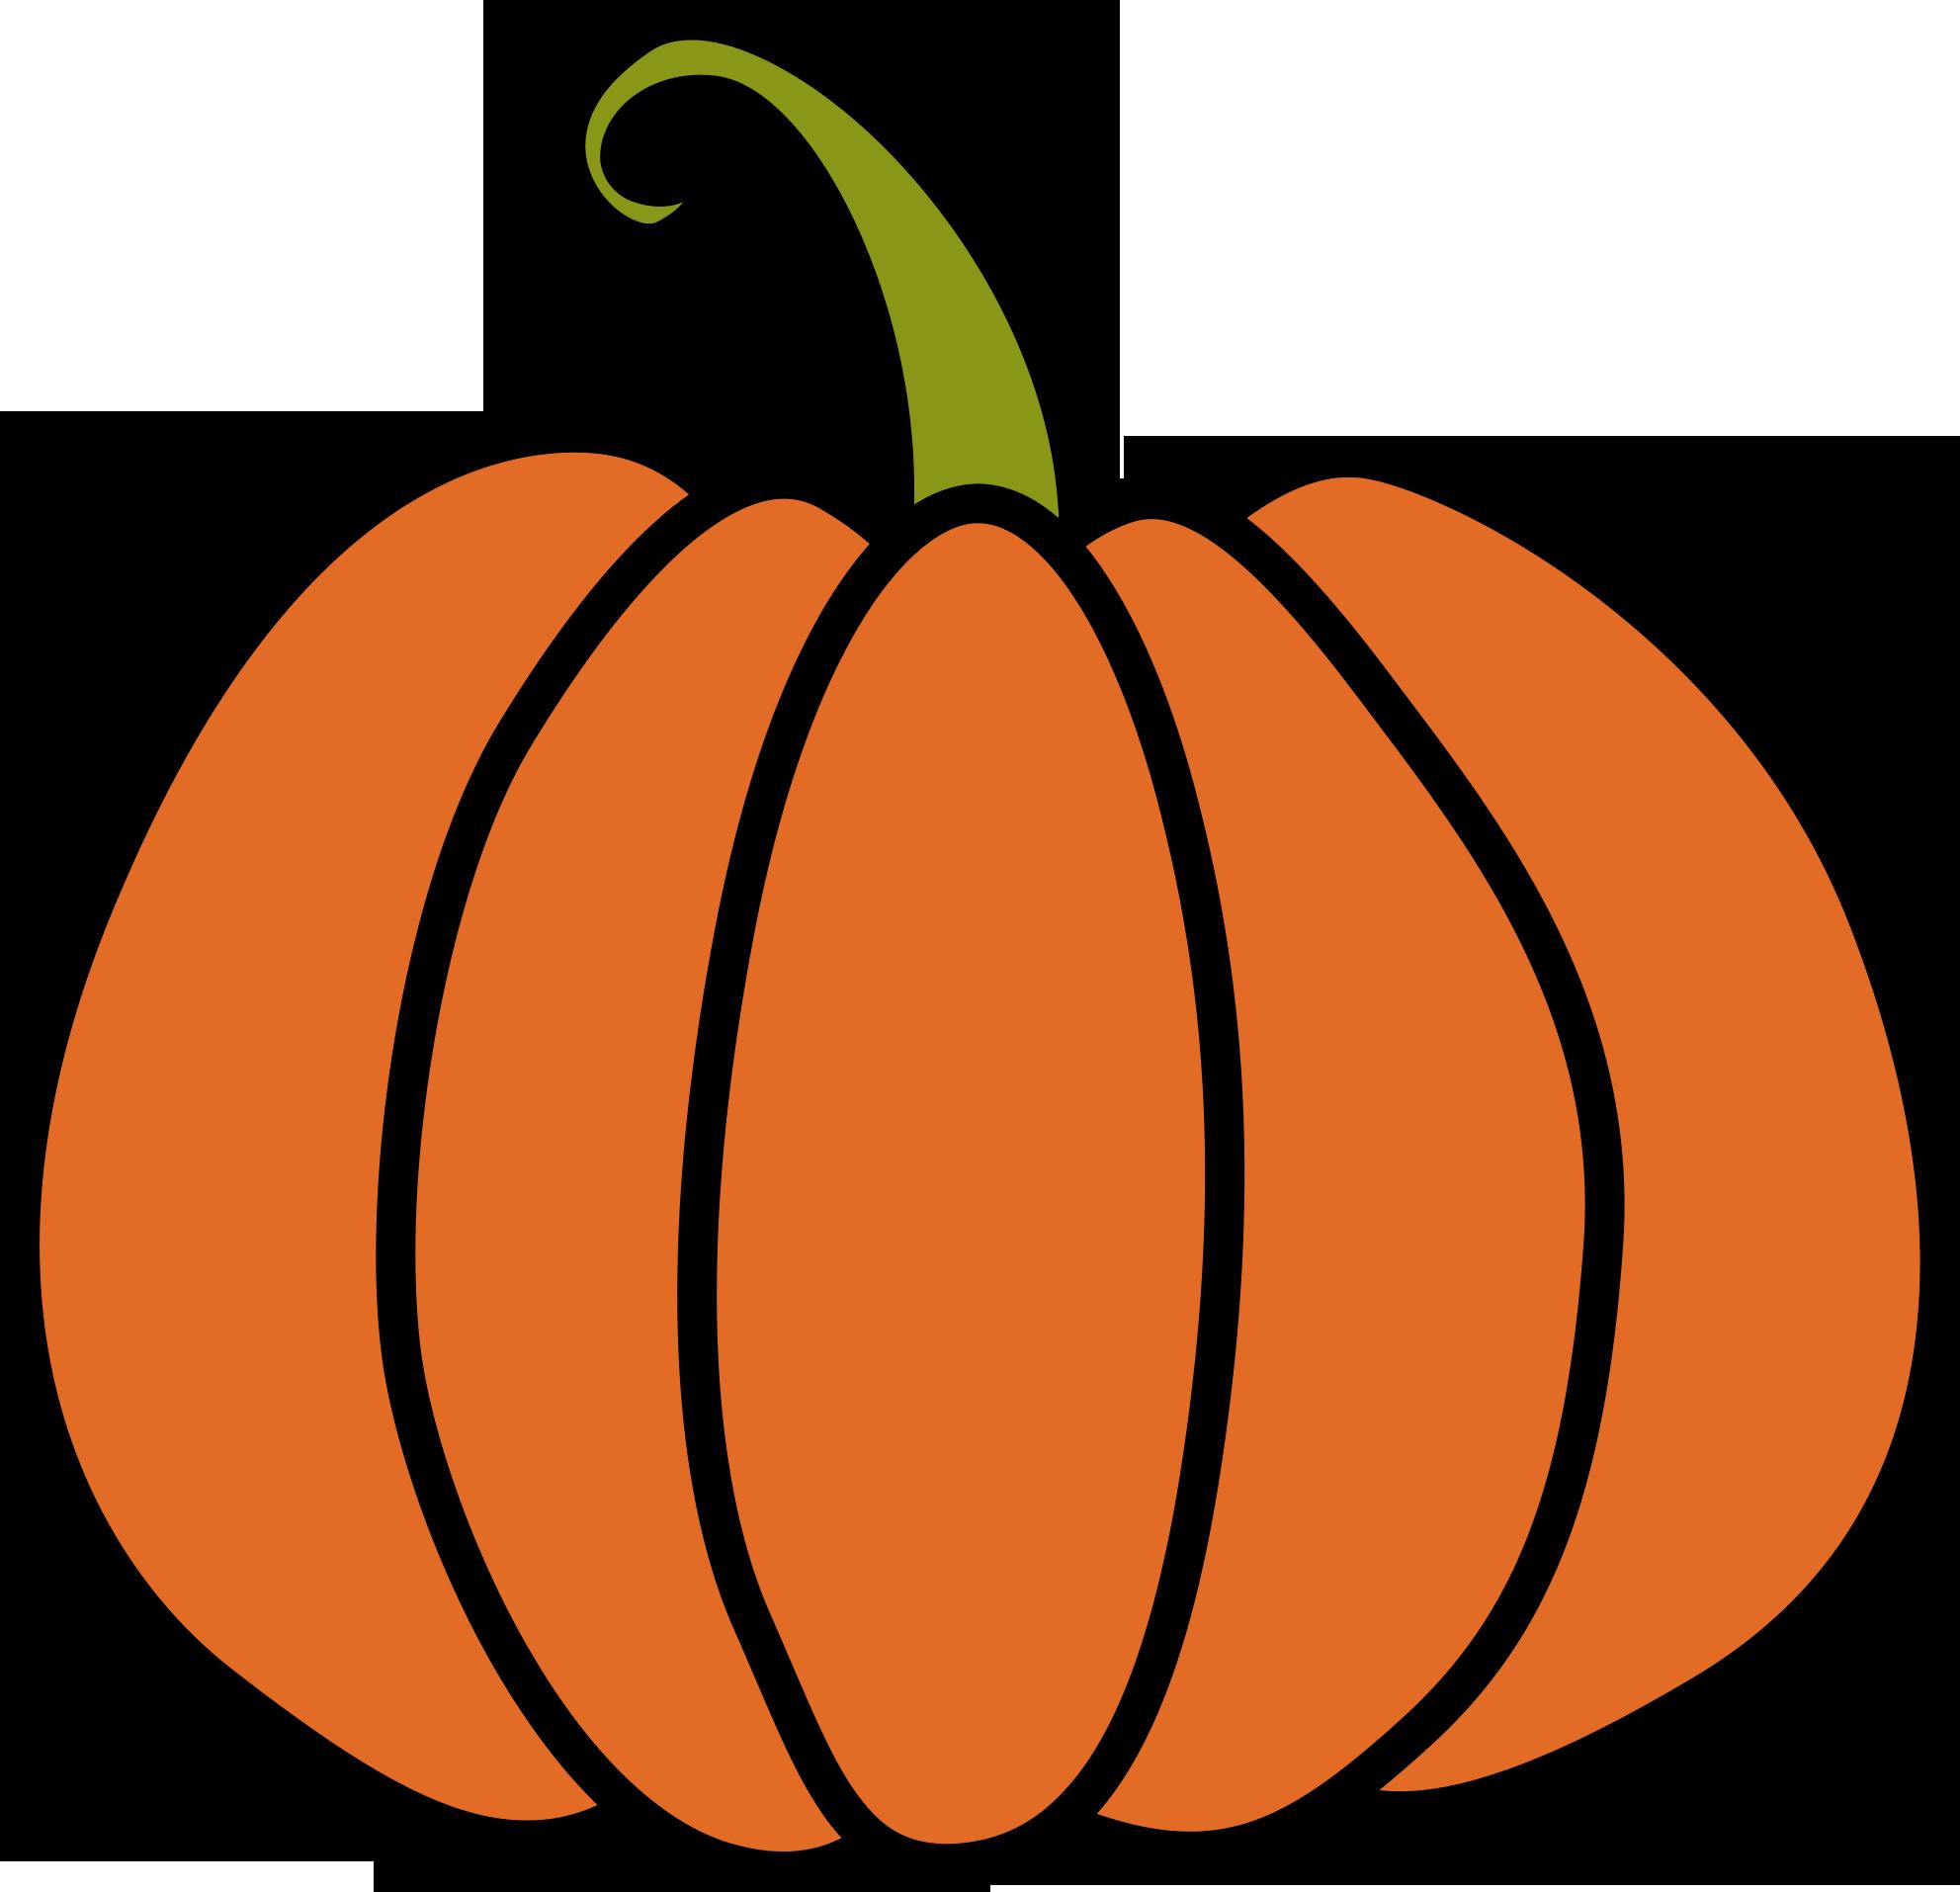 Pumpkin Clipart - Full Size Clipart (#5743291) - PinClipart